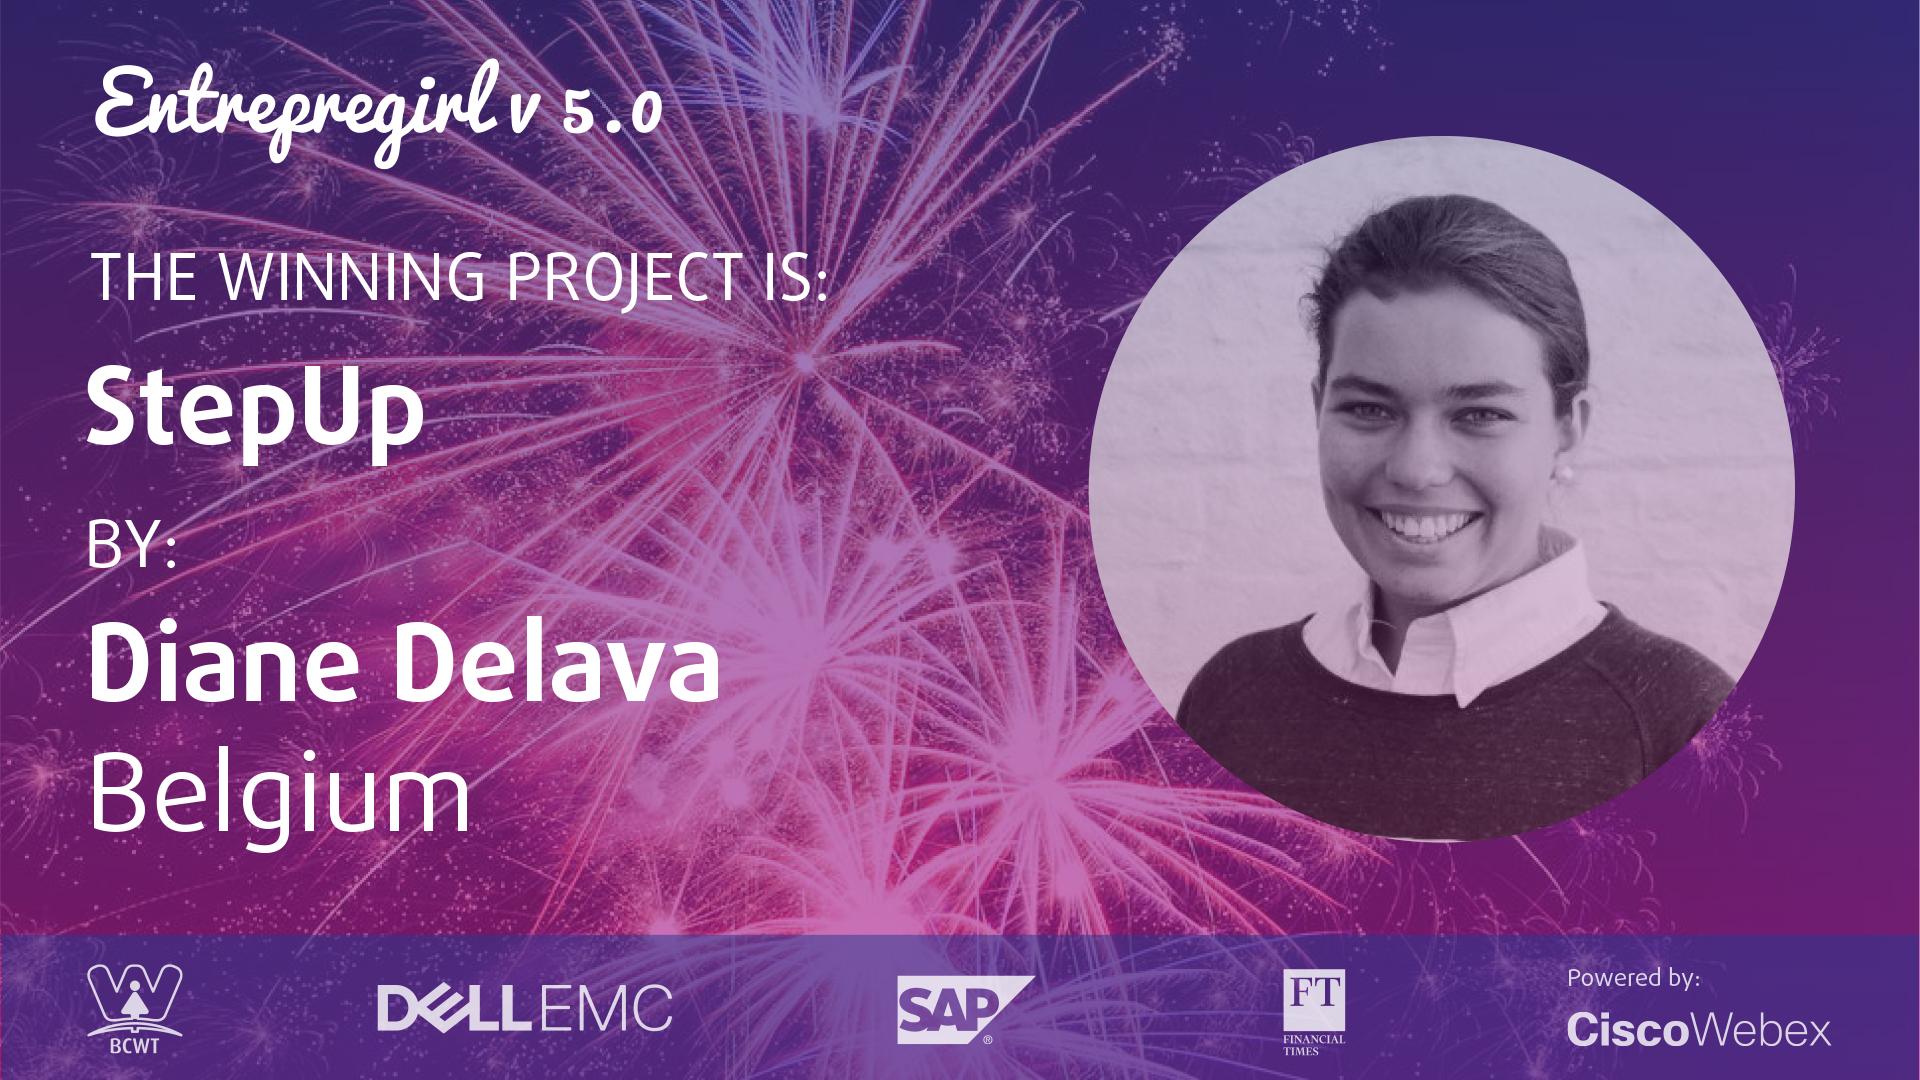 Diane Delava